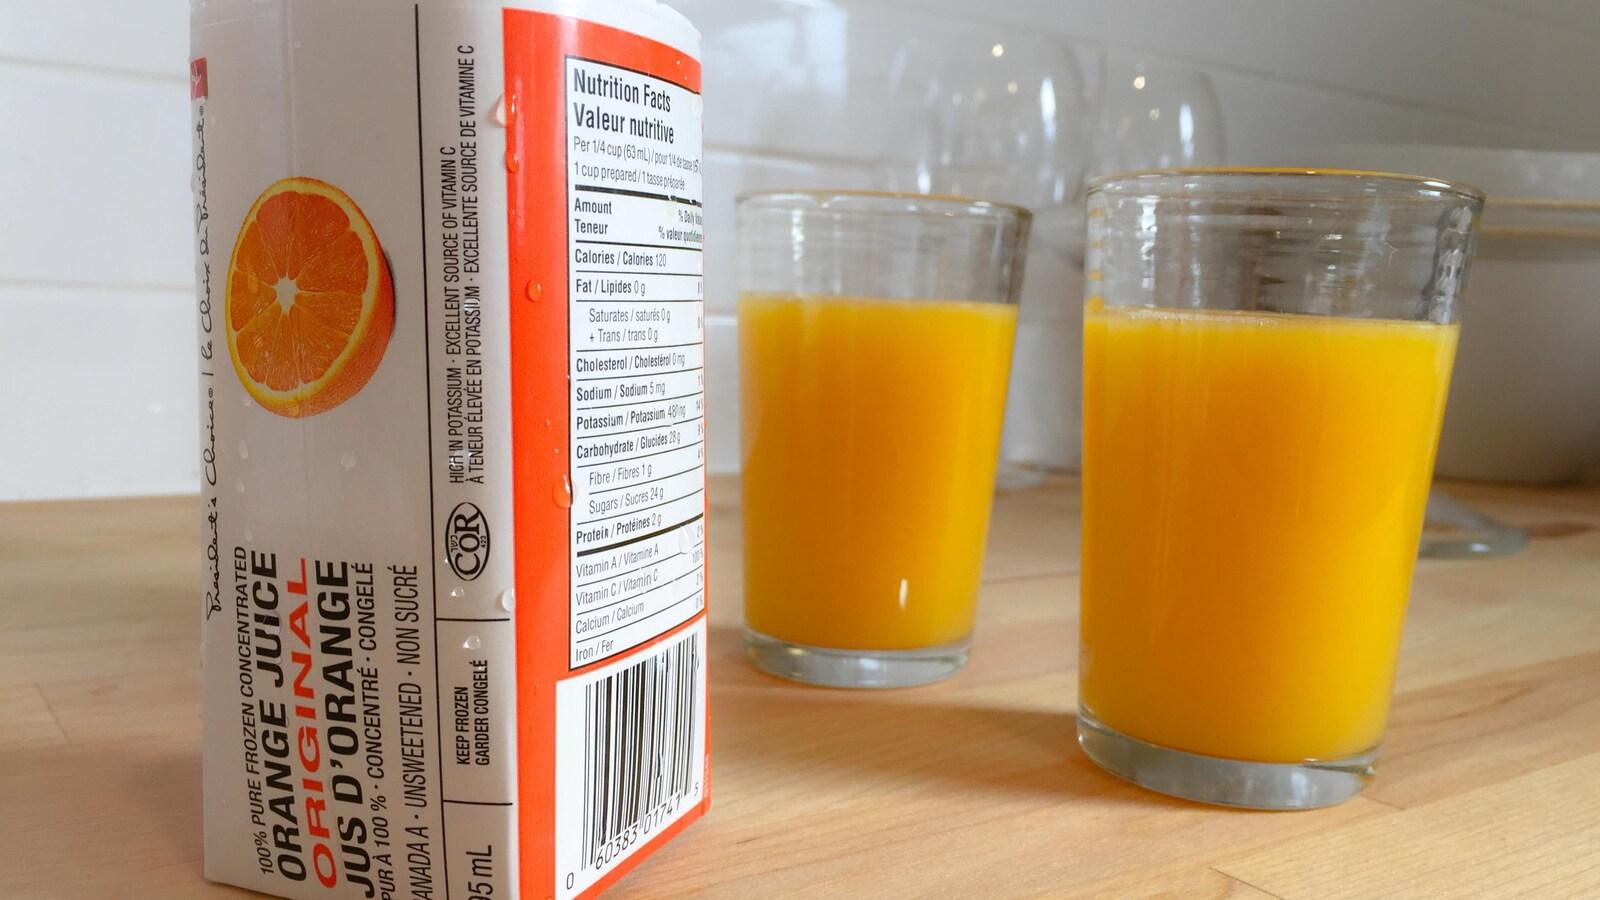 Image d'un contenant de jus d'orange congelé, ainsi que deux verres pleins, sur le comptoir d'une cuisine.